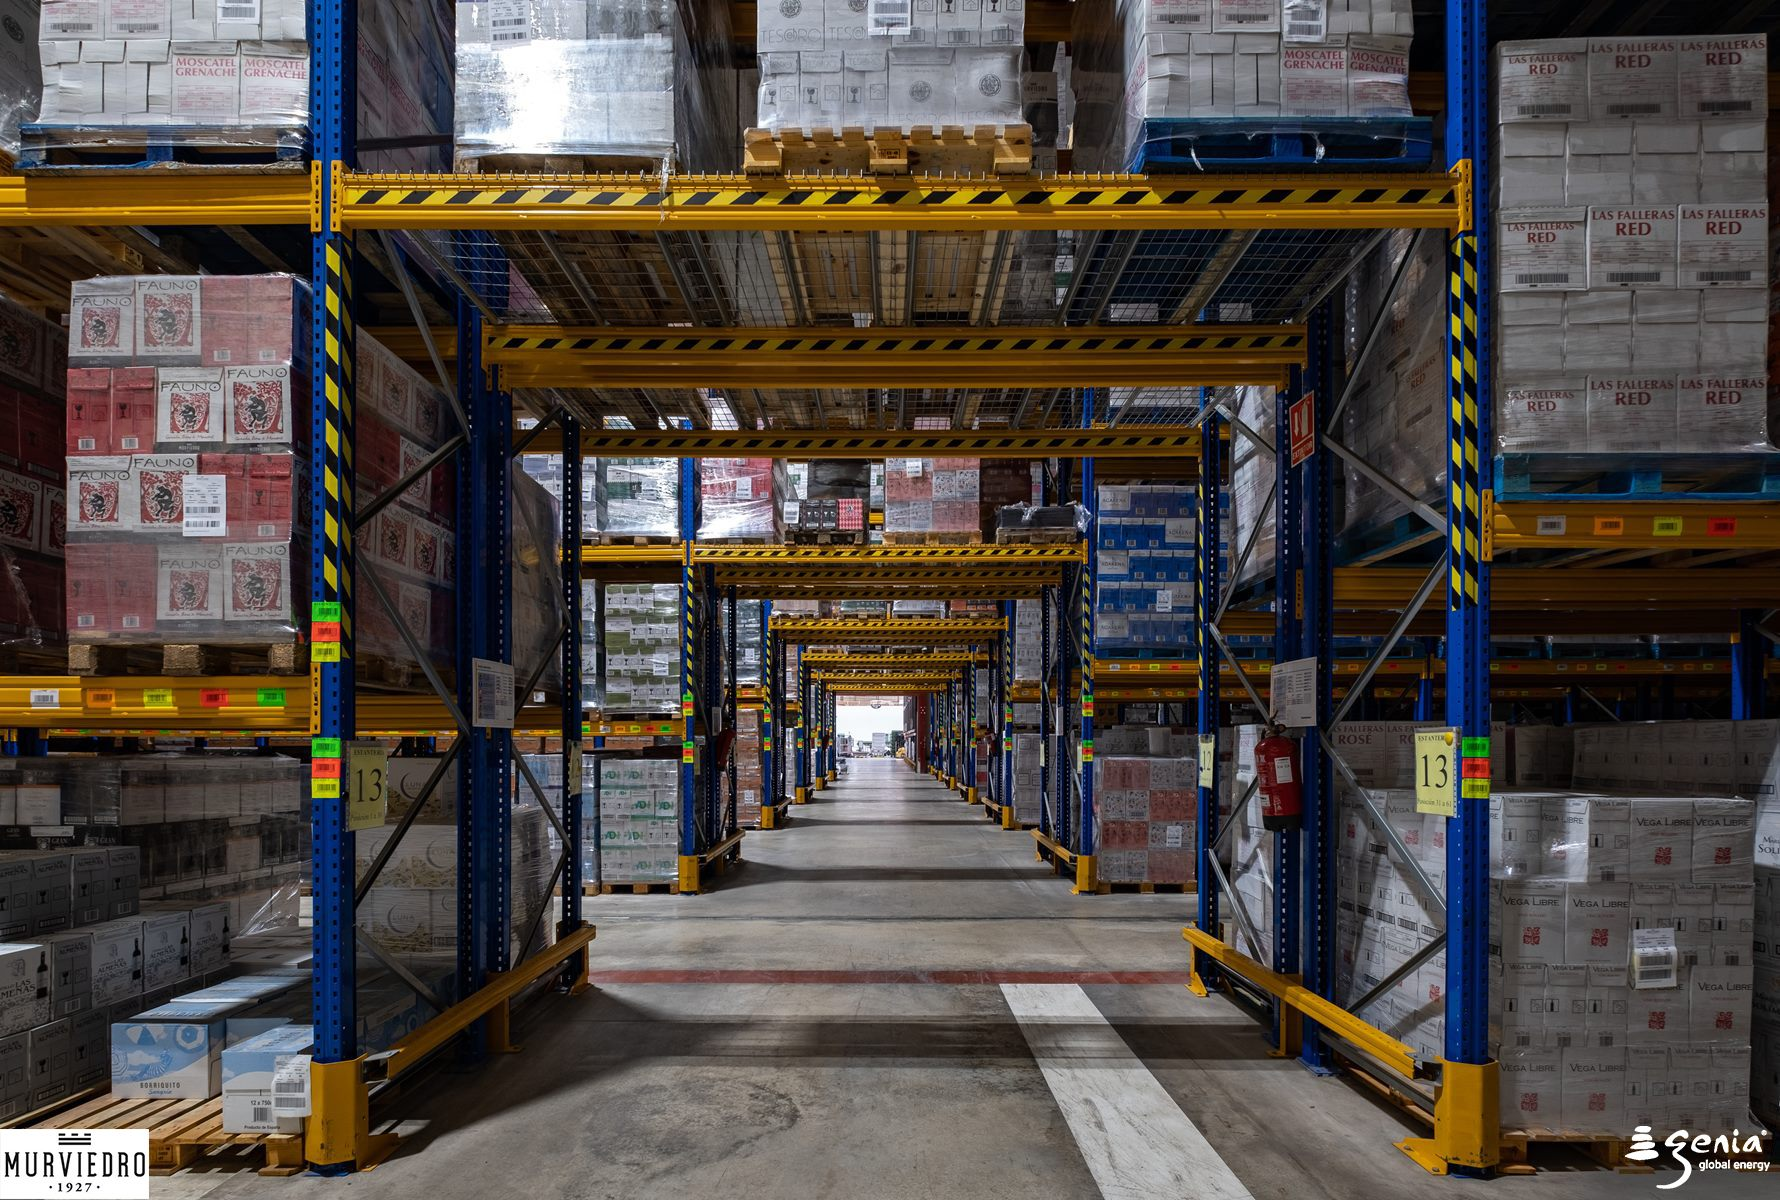 iluminacion-inteligente-industrial-bodegas-murviedro-pasillos-almacenamiento-y-logistica-